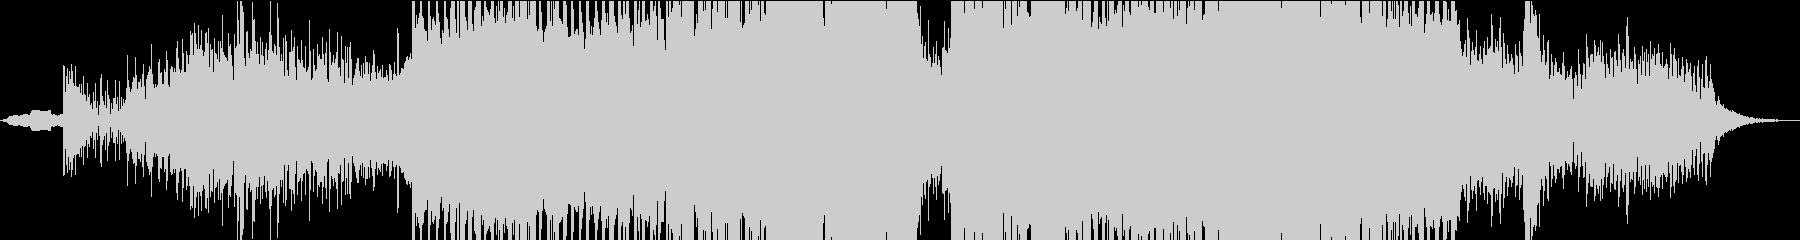 ダークな洋画の戦闘シーン風テクノの未再生の波形